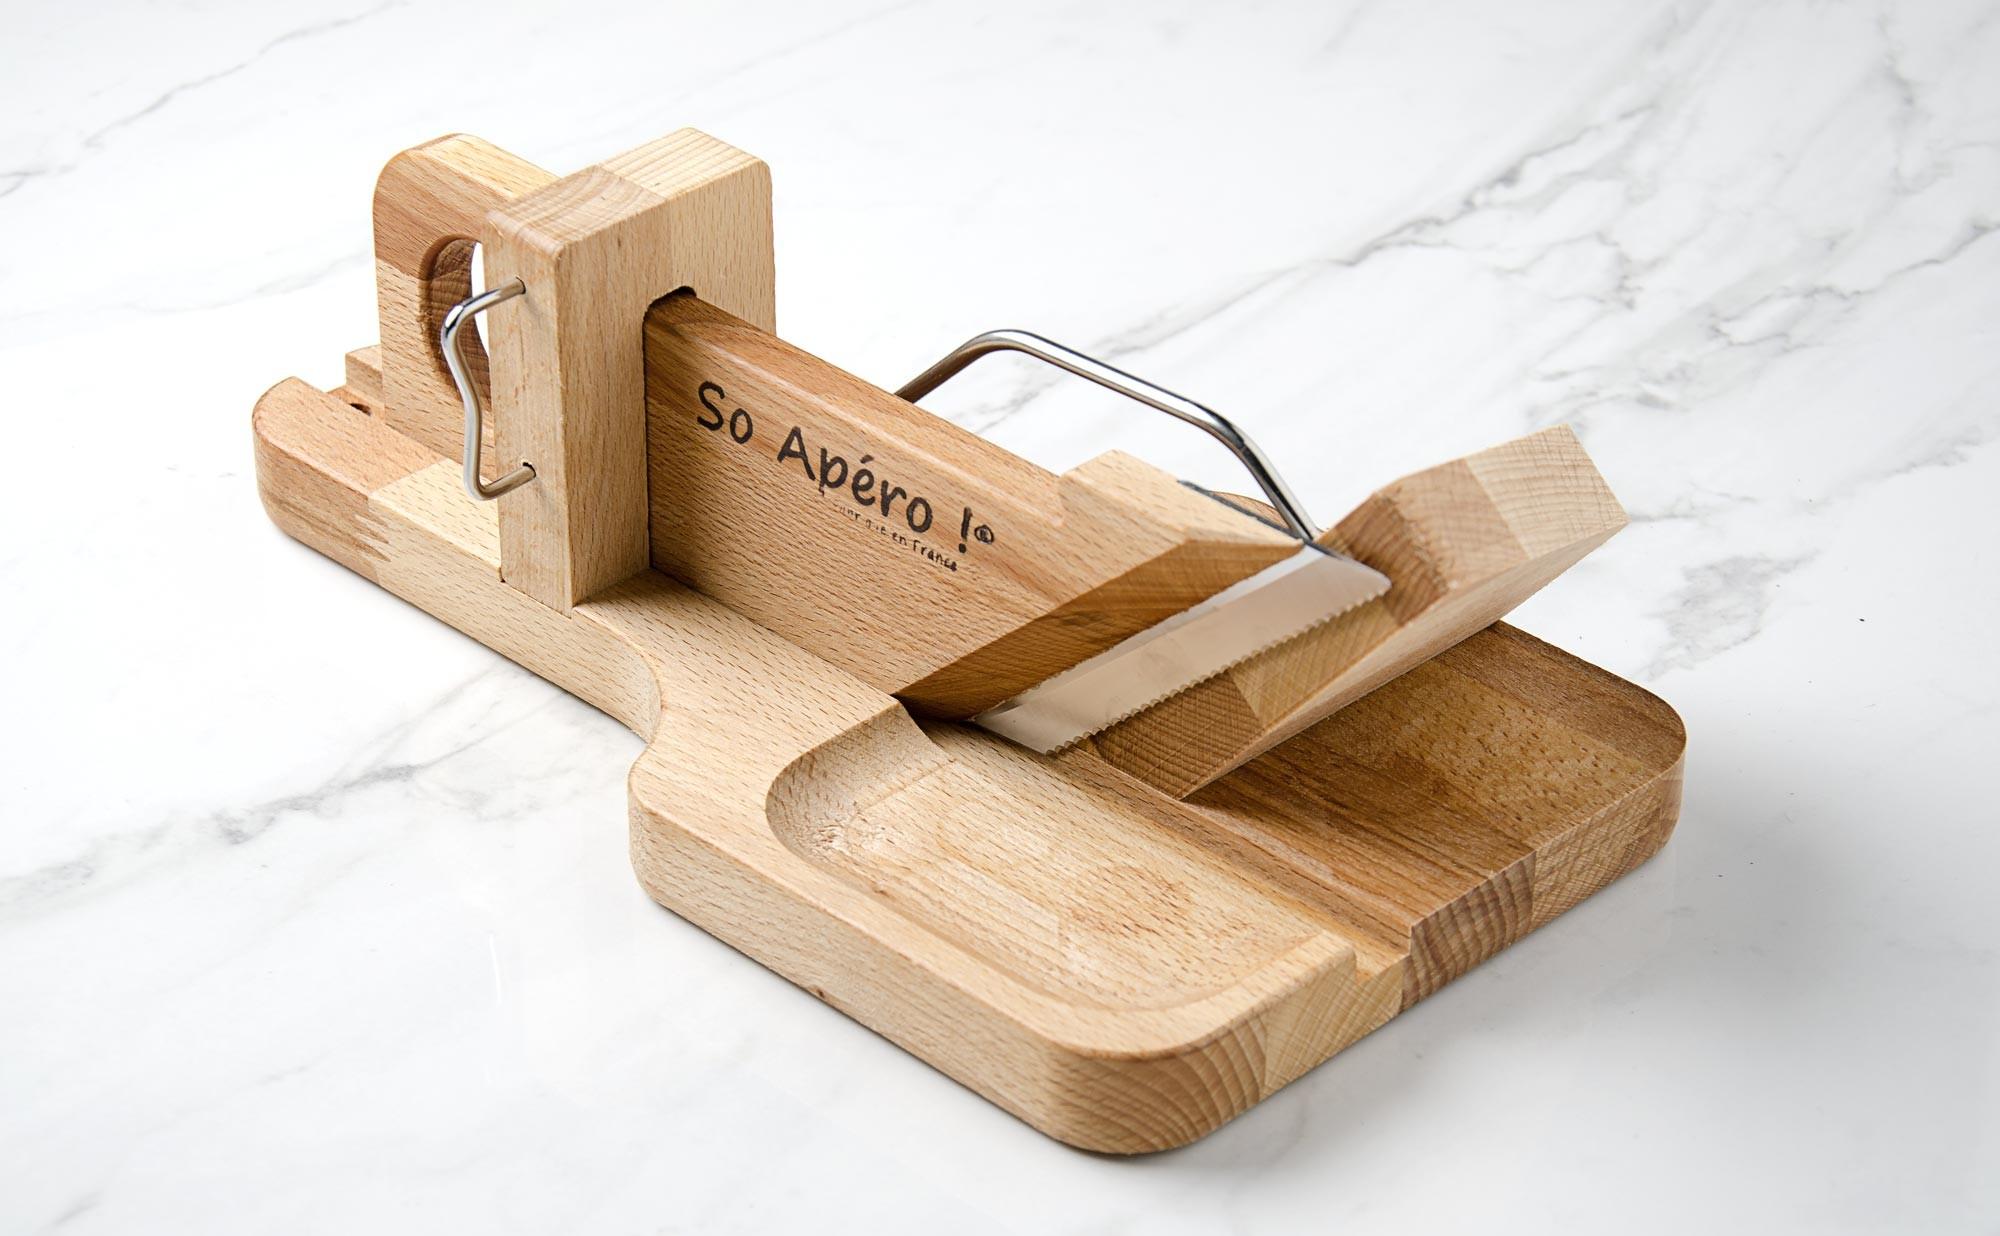 guillotine saucisson so ap ro colichef. Black Bedroom Furniture Sets. Home Design Ideas